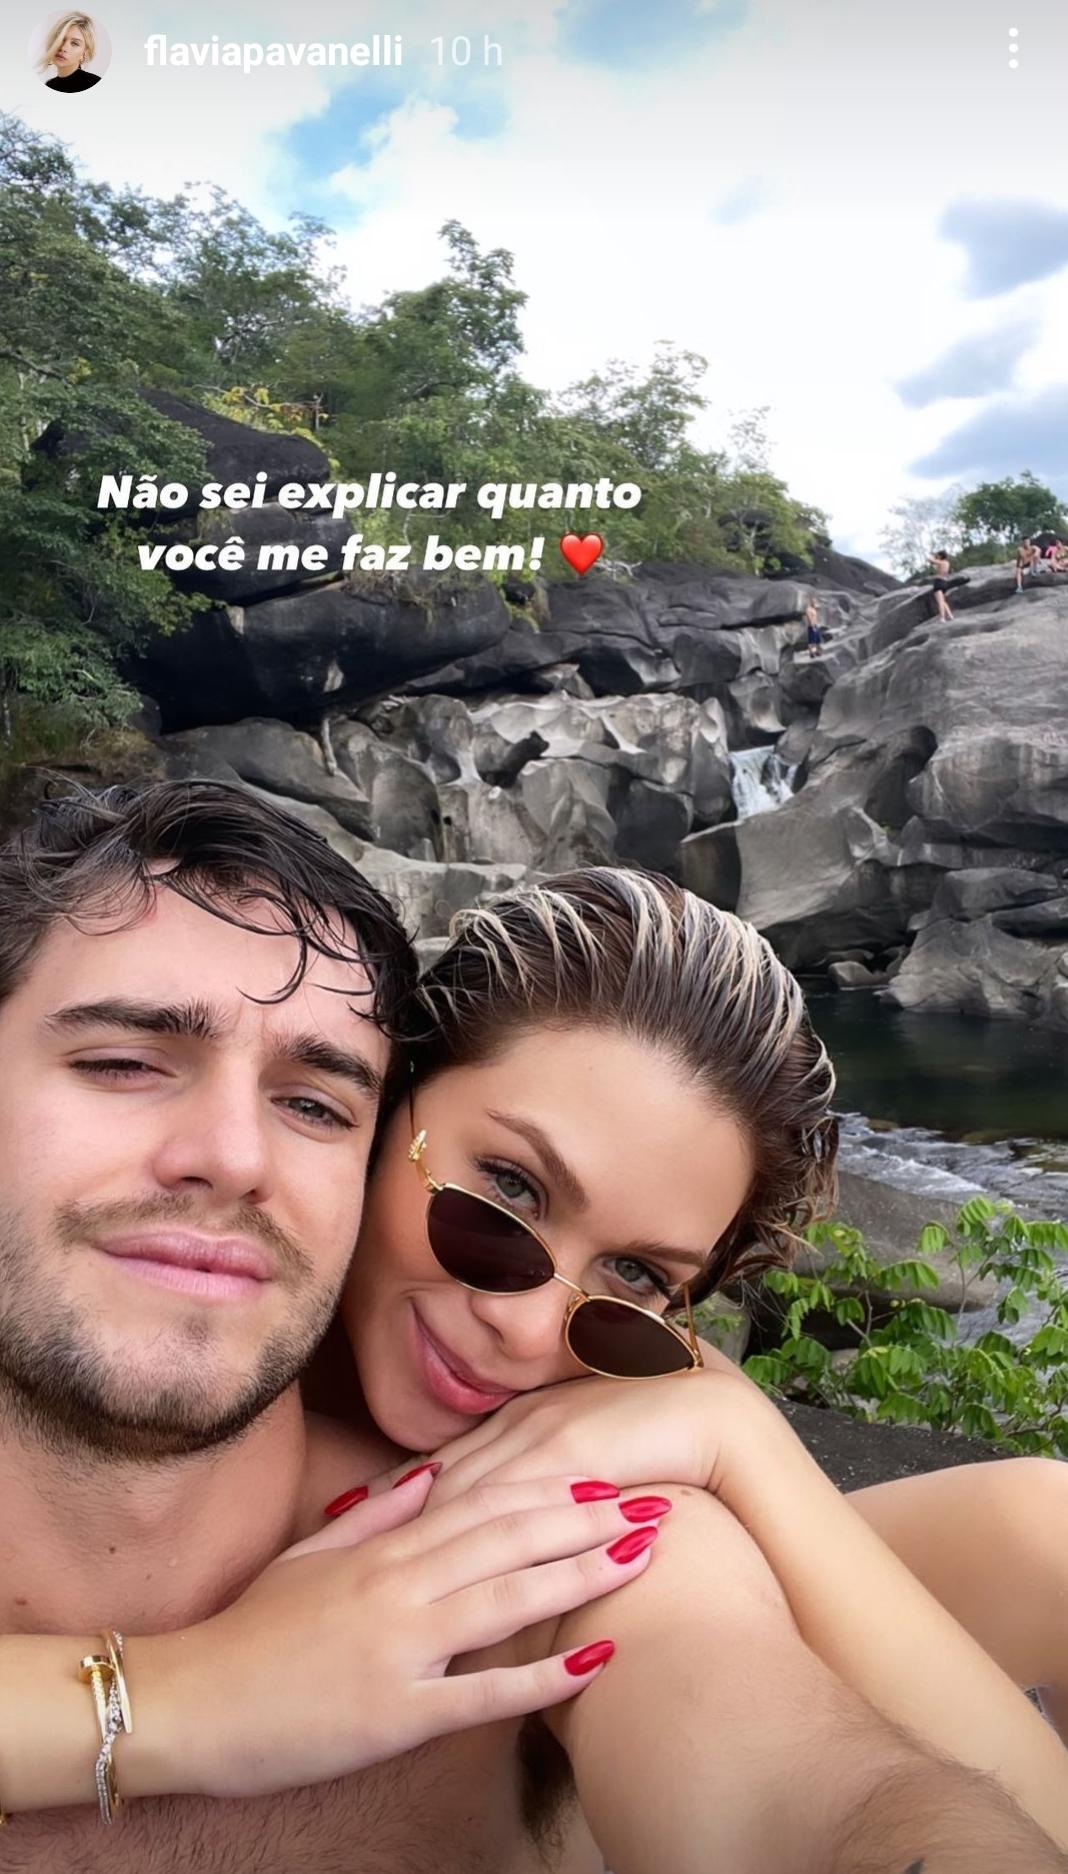 Flavia Pavanelli abraçando seu novo affair, Pepe Cruz. Ela está por trás dele e usa um óculos de sol. A expressão facial dele é séria. Ao fundo deles, há um cenário de natureza.